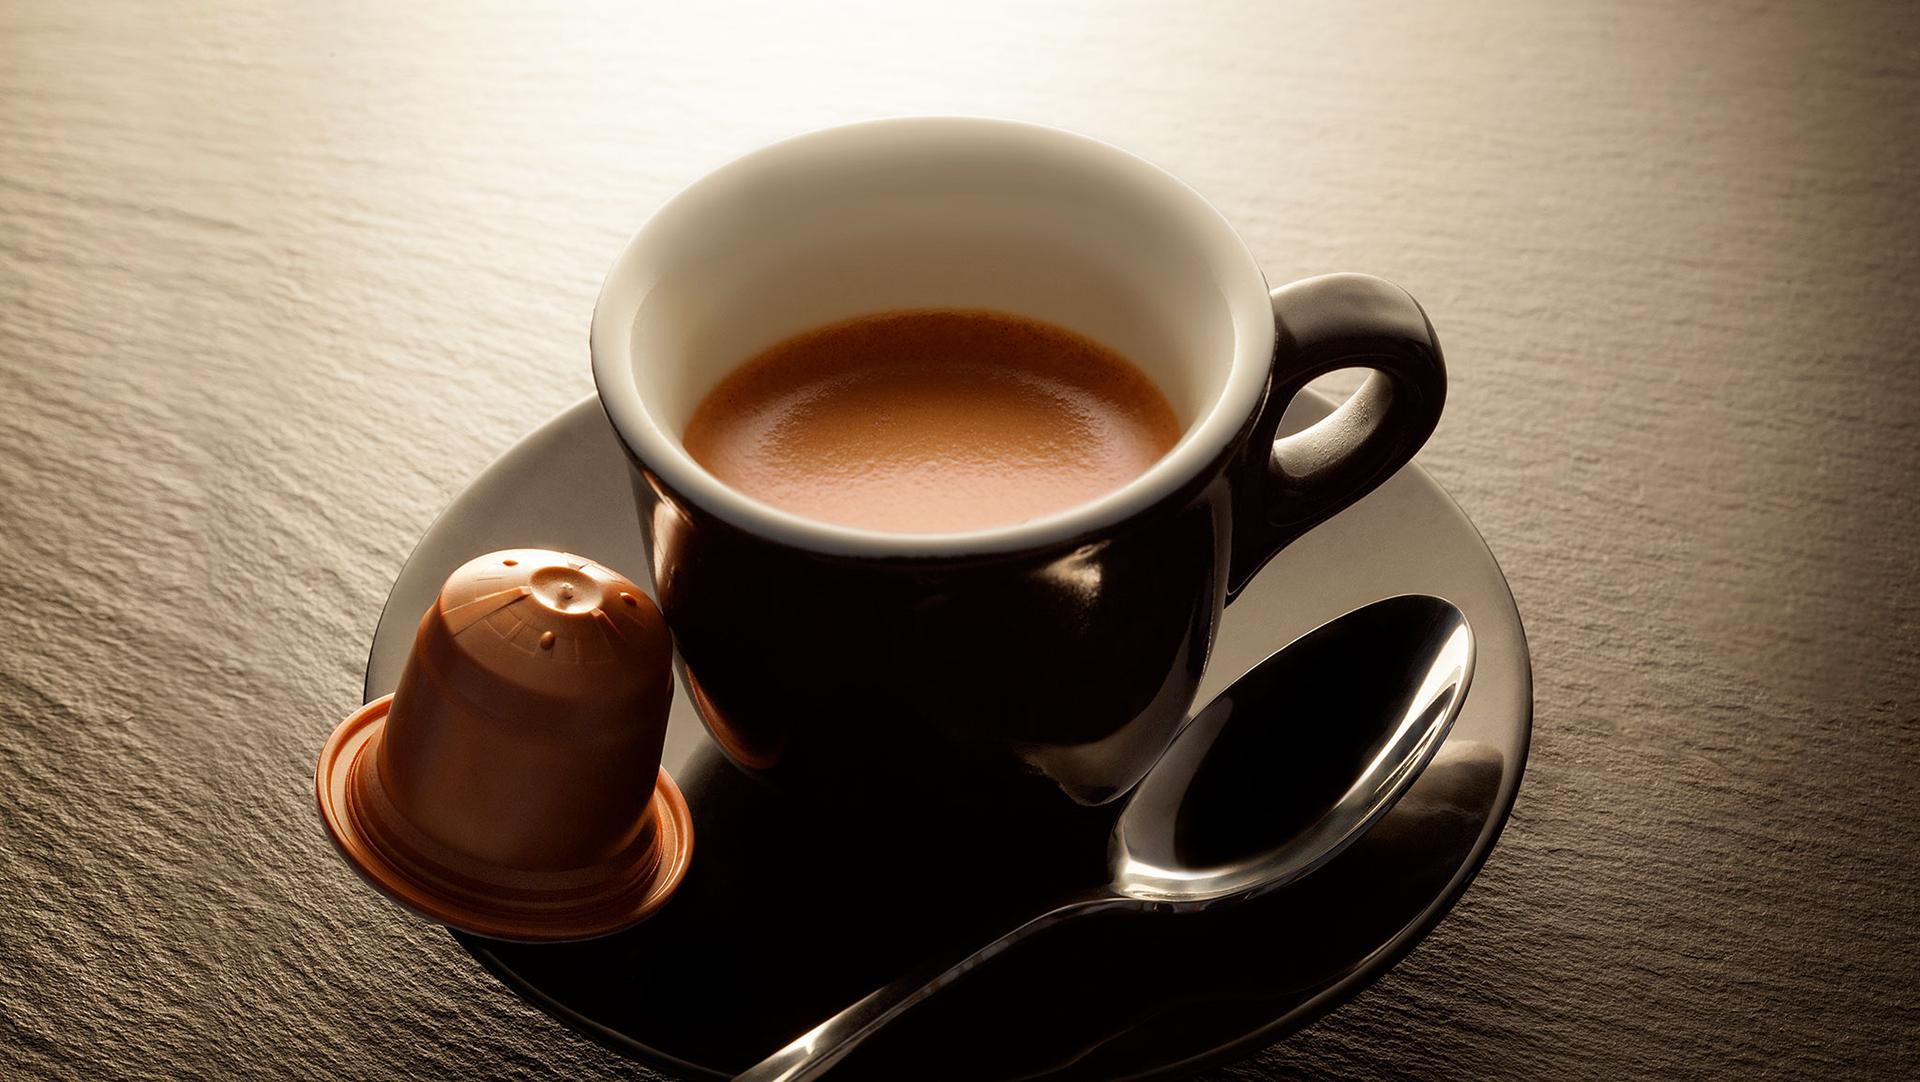 Biologisch afbreekbare coffeecups van ECC